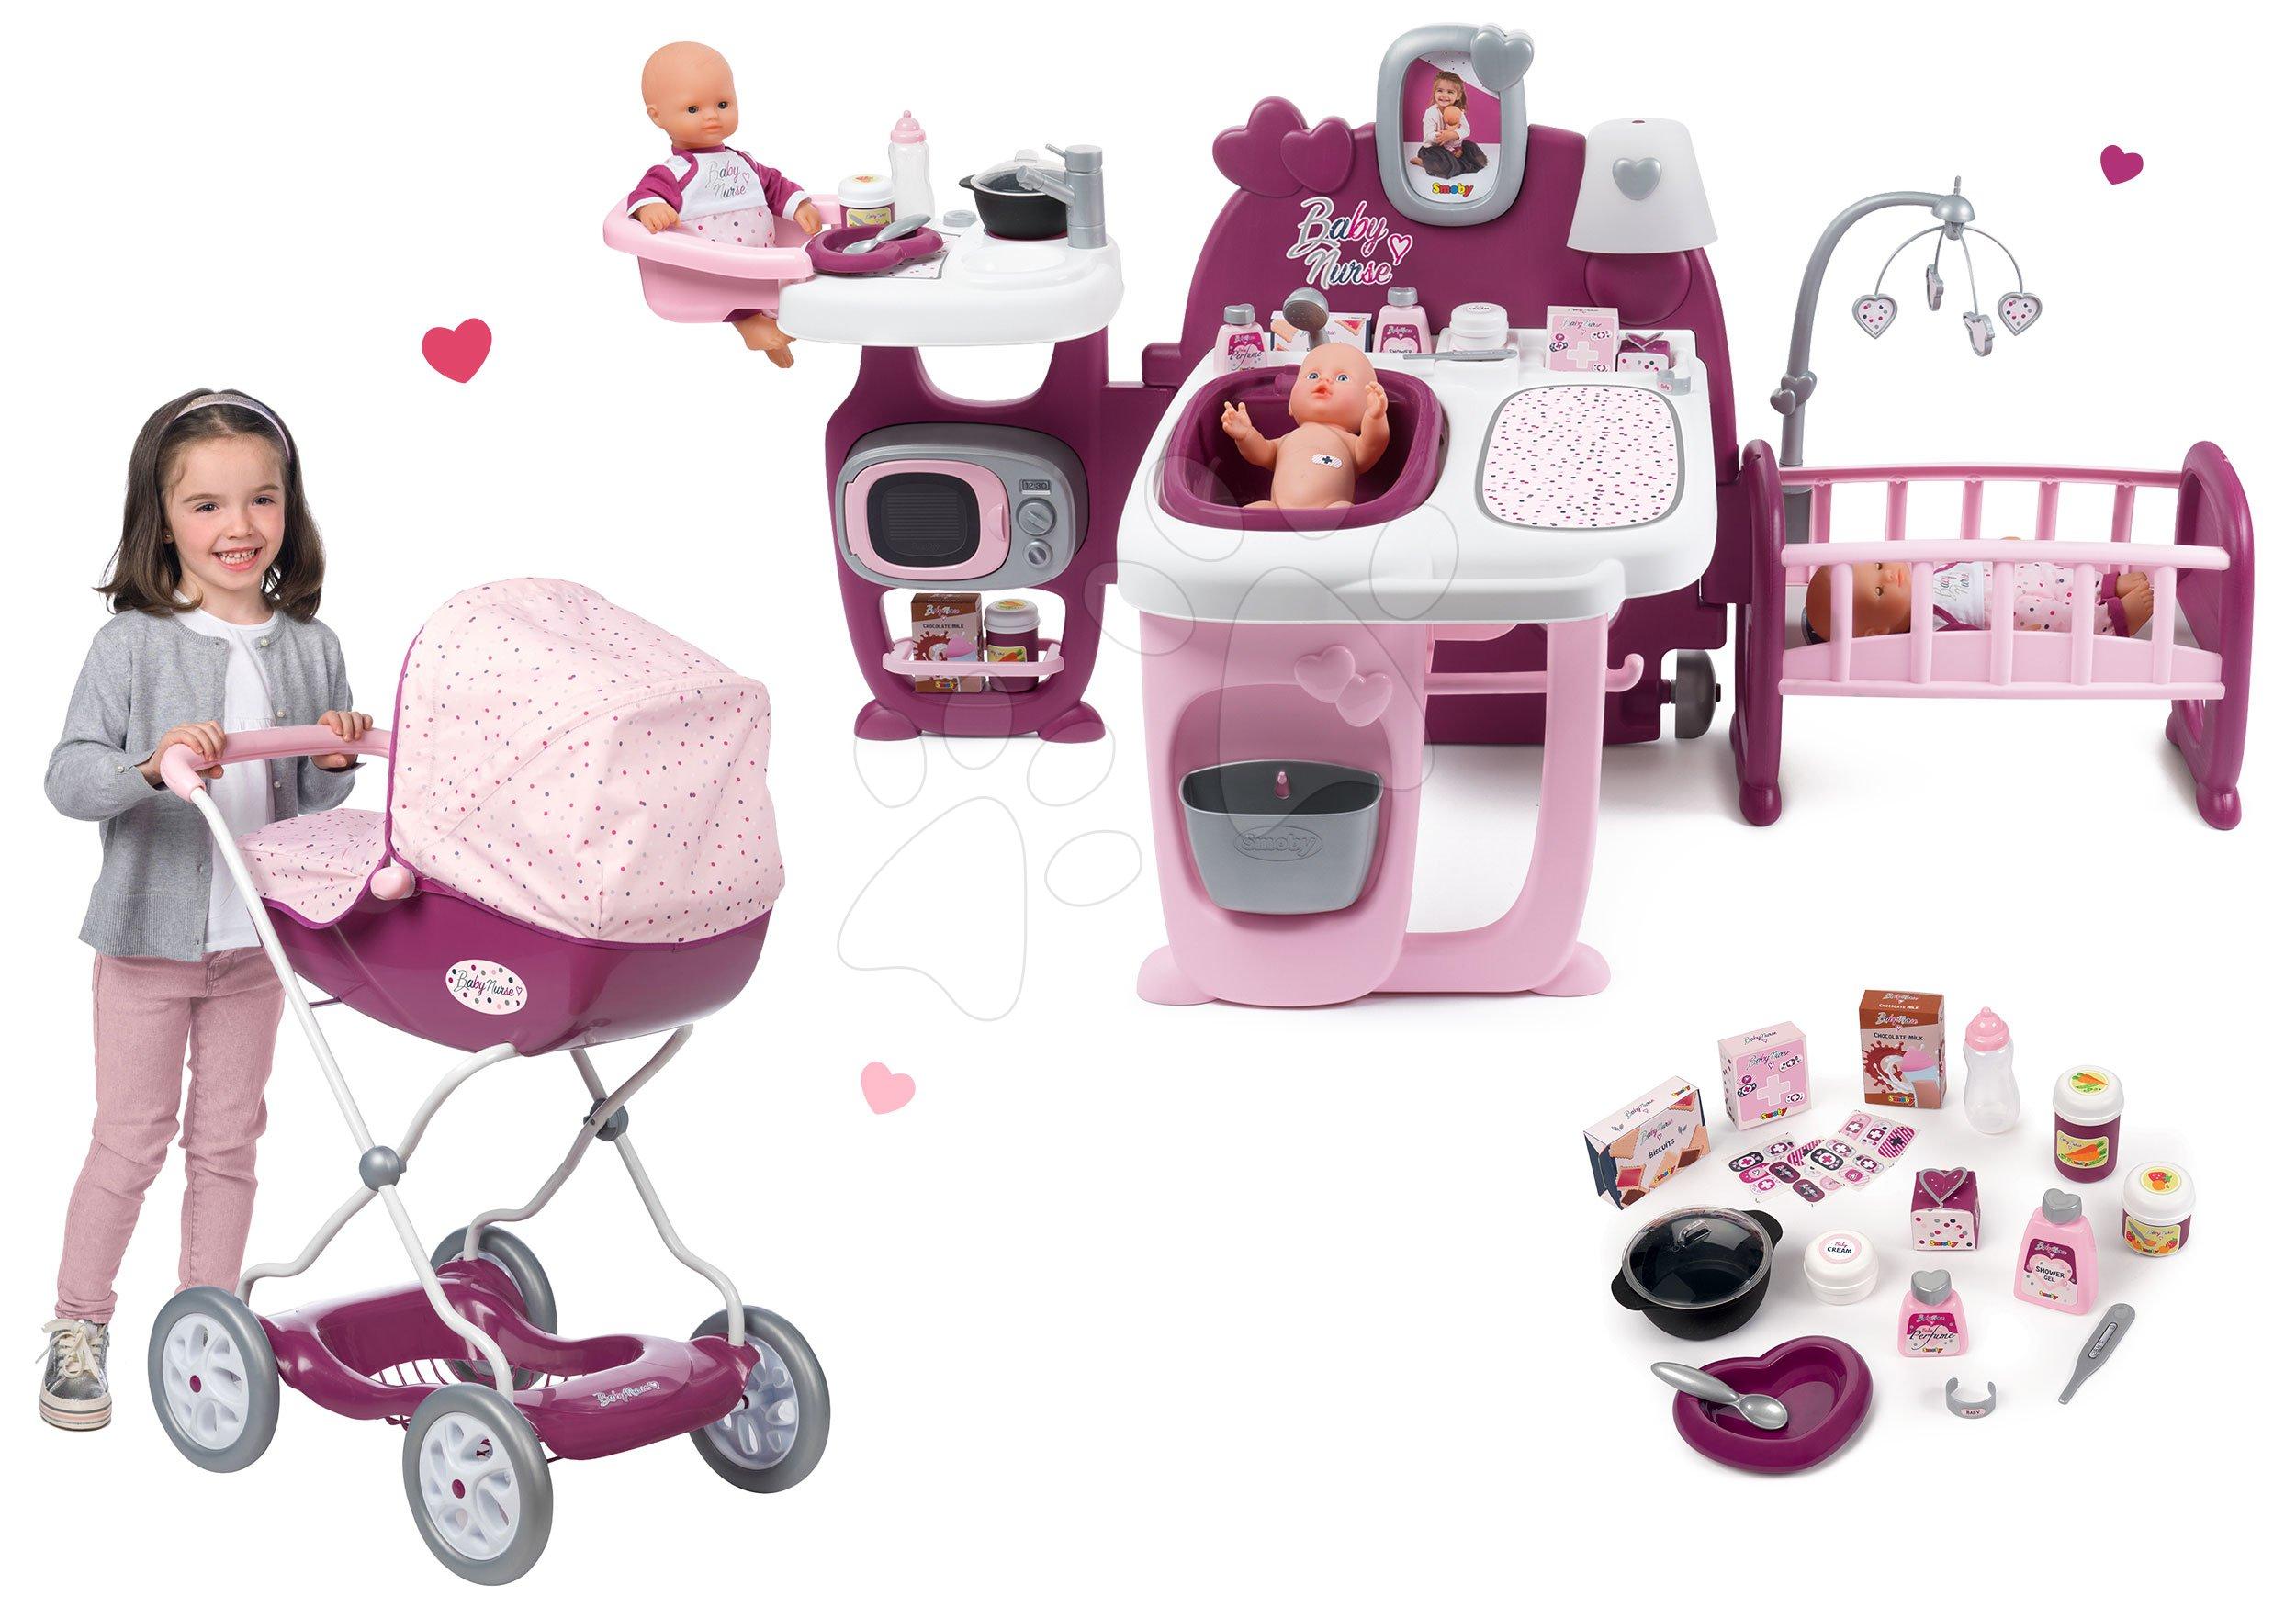 Set domček pre bábiku Violette Baby Nurse Large Doll's Play Center Smoby a kočík hlboký veľký Violette pre 42 cm bábiku